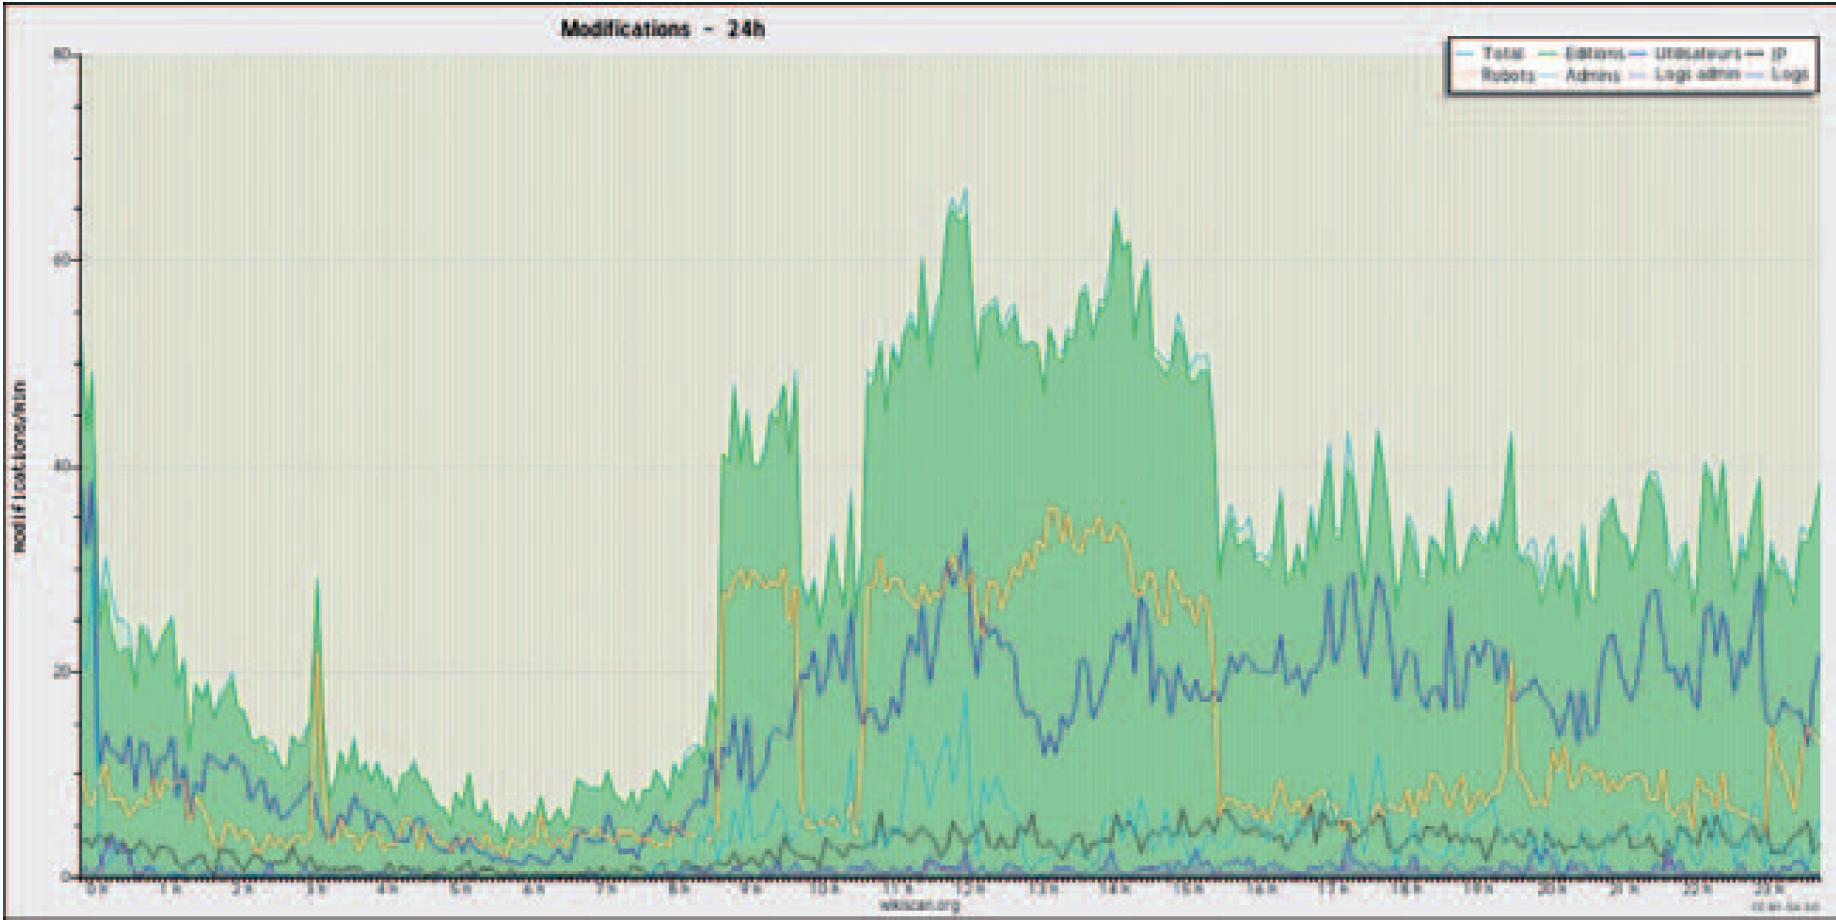 Figure 1 - Répartition des contributions sur 24 heures (23             août 2012)